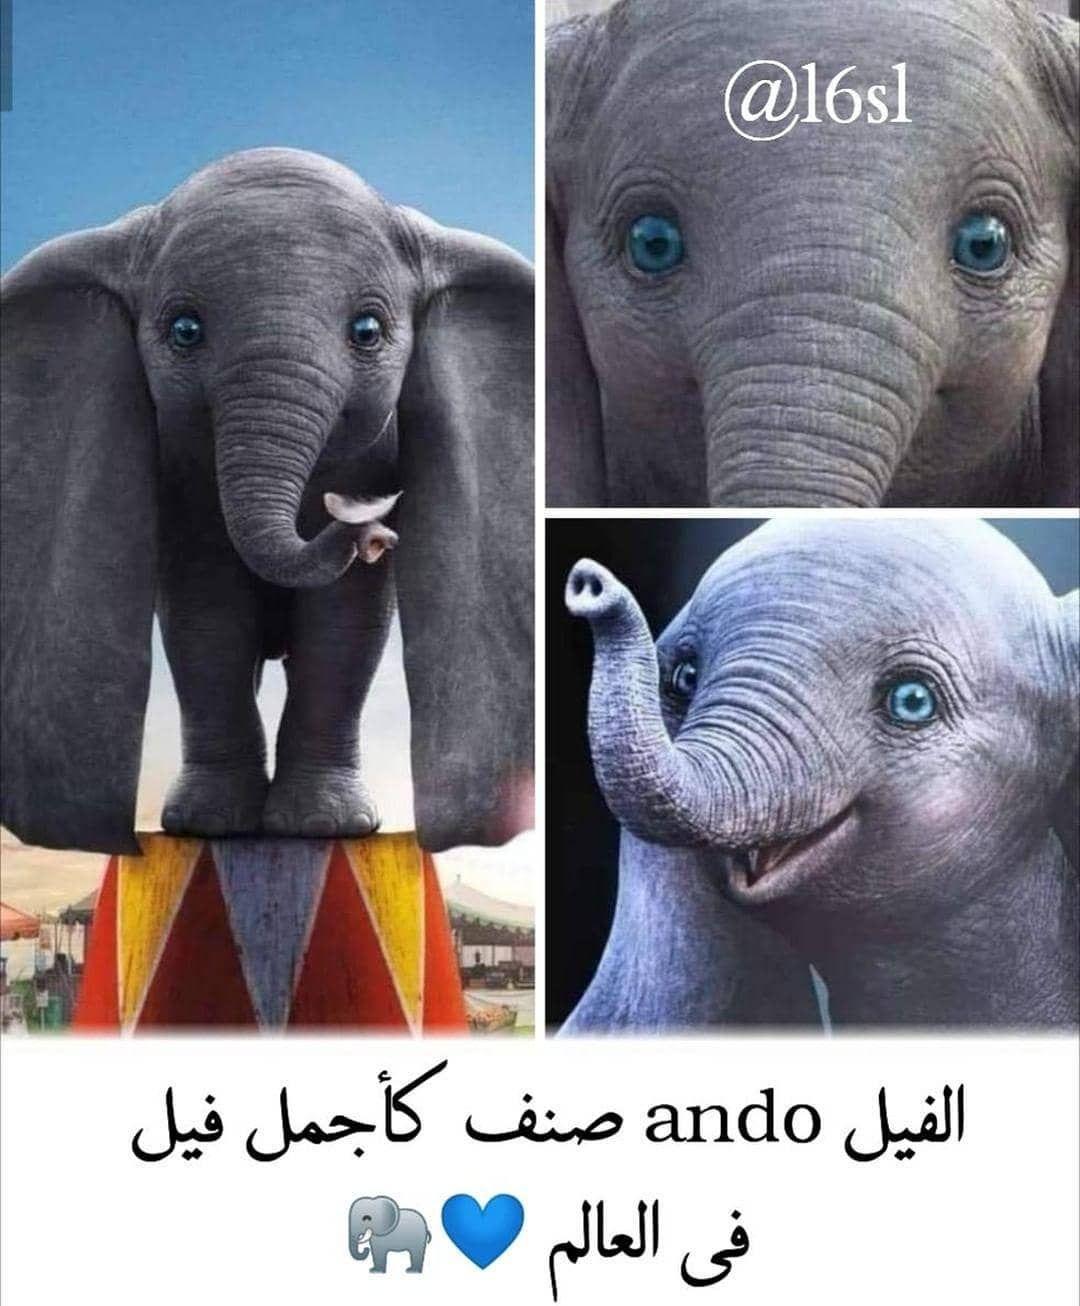 حساب جميل يستحق المتابعة Aiqtibasat Adabia Aiqtibasat Adabia Aiqtibasat Adabia Animals Elephant